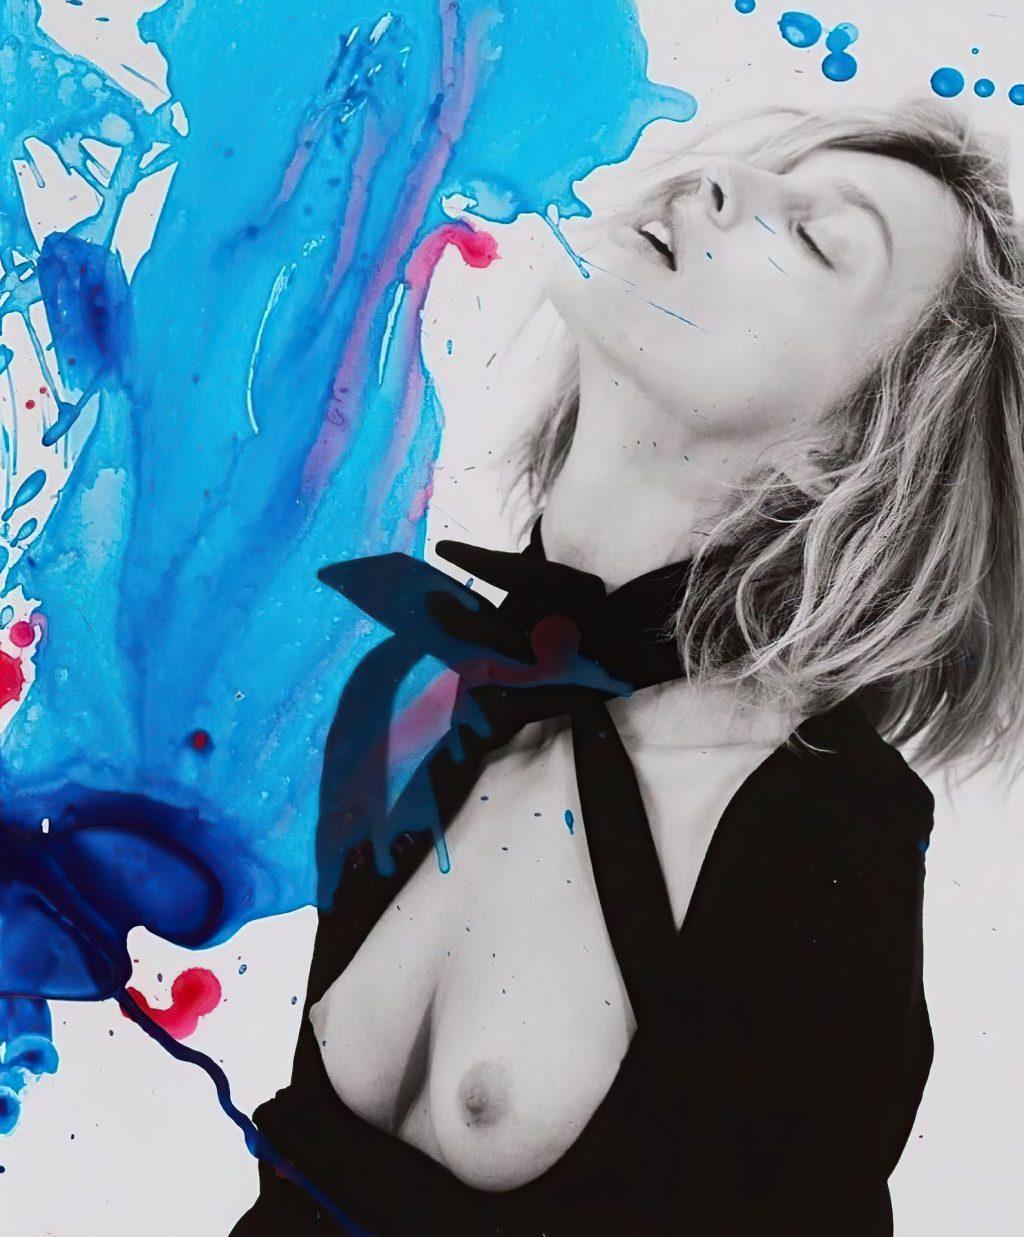 Anja Rubik Nude (23 Photos)